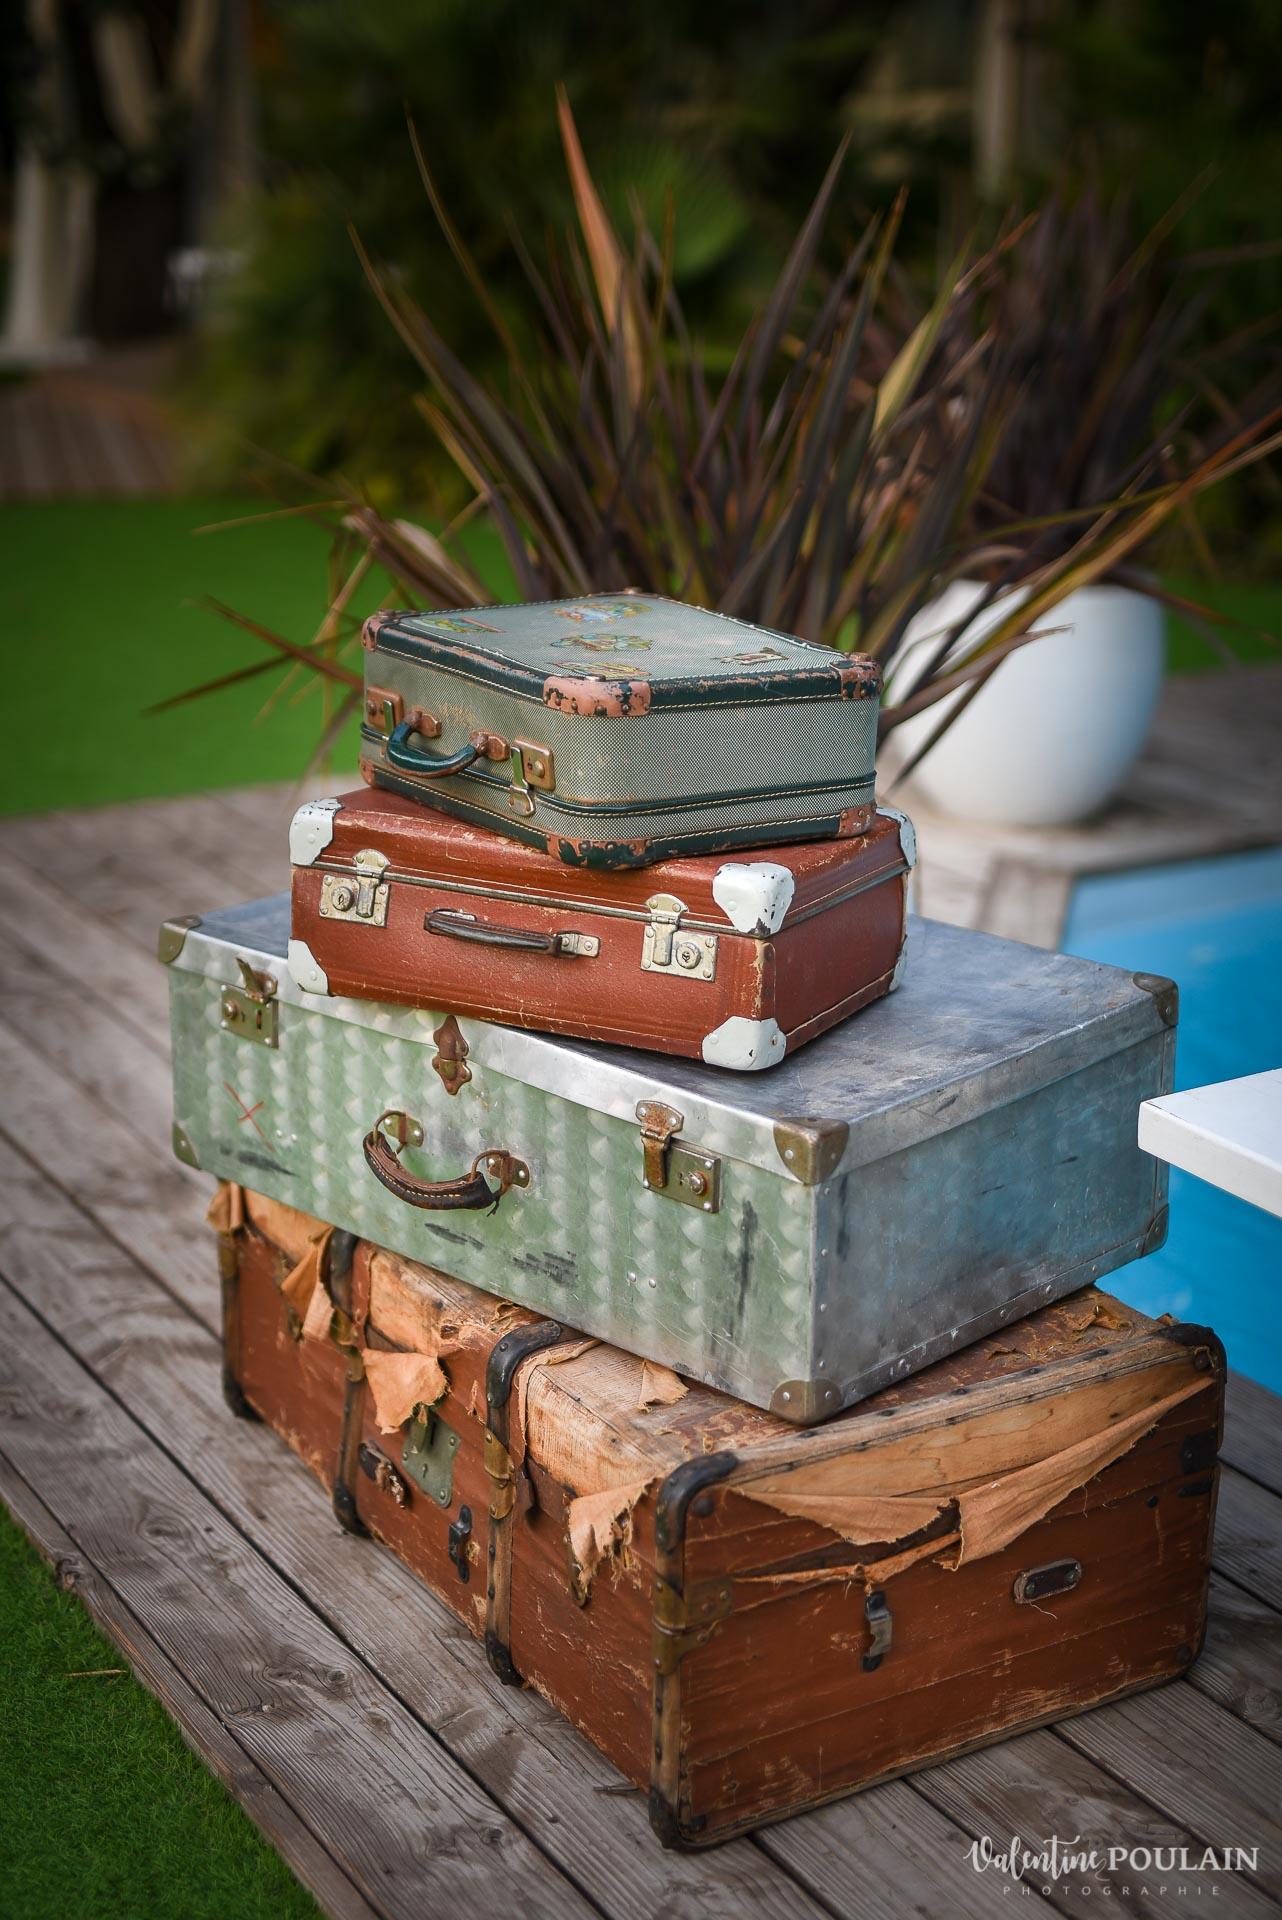 Automne sud se marier hors saison - Valentine Poulain valise